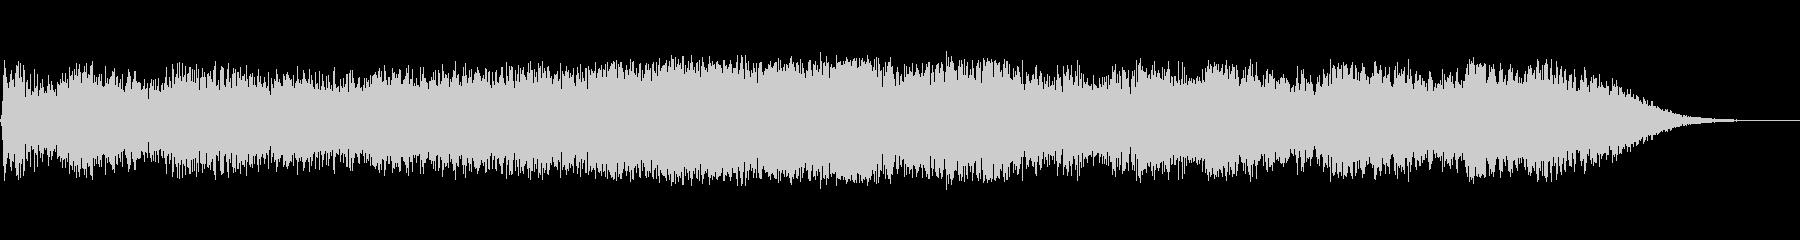 エイリアン工場の未再生の波形